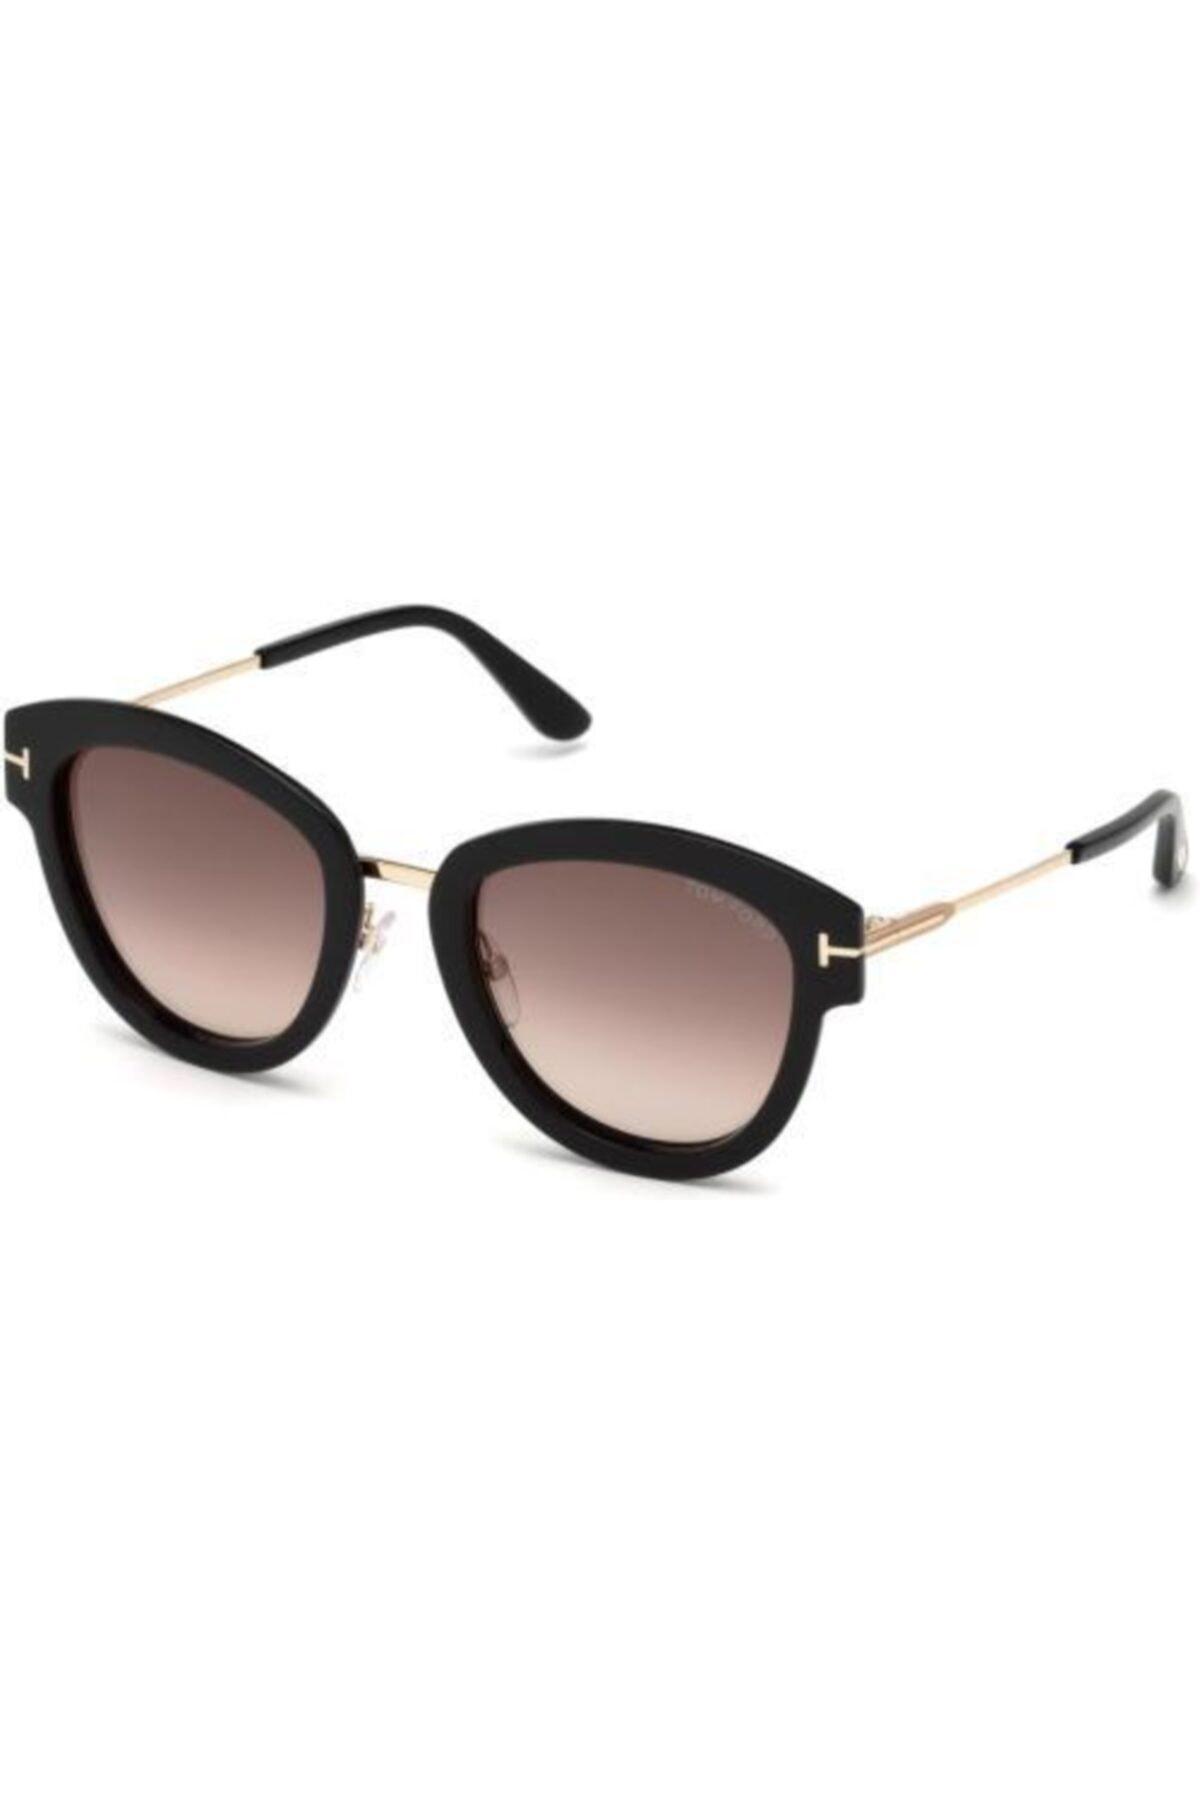 خرید پستی عینک آفتابی شیک زنانه برند Tom Ford رنگ قهوه ای کد ty54735359